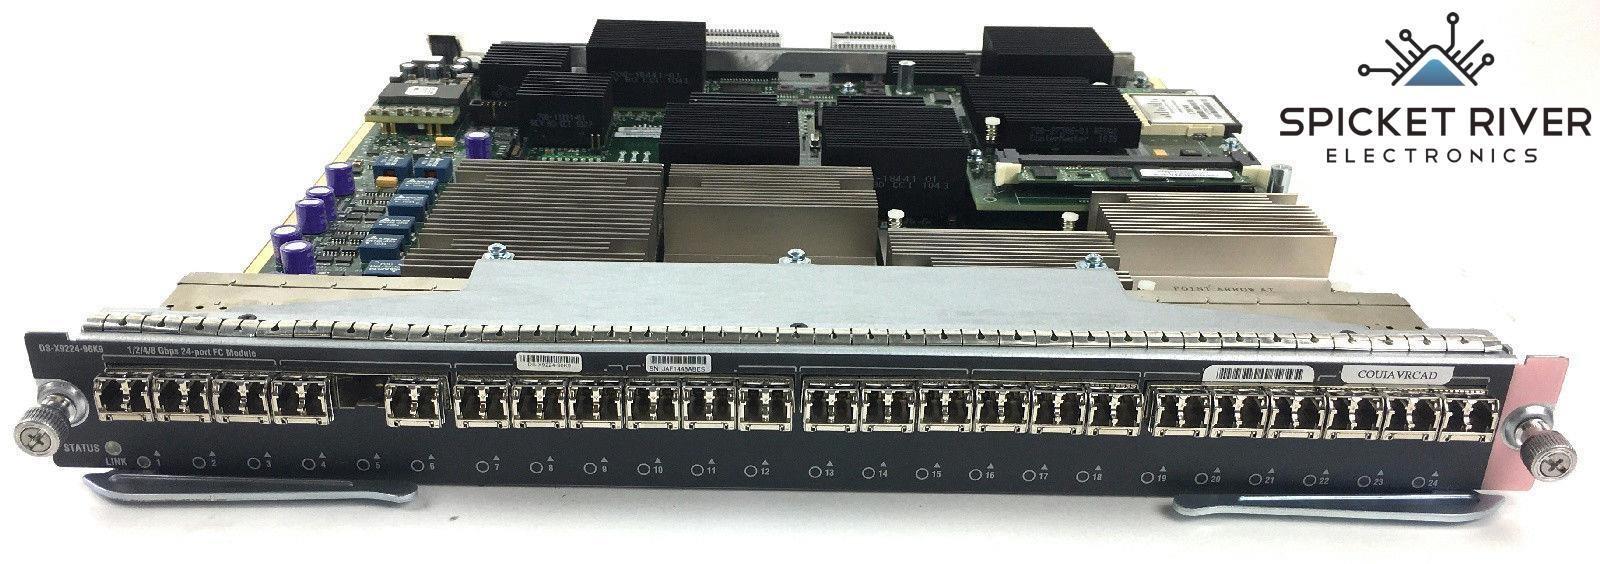 3447-DS-X9224-96K9-94894_base